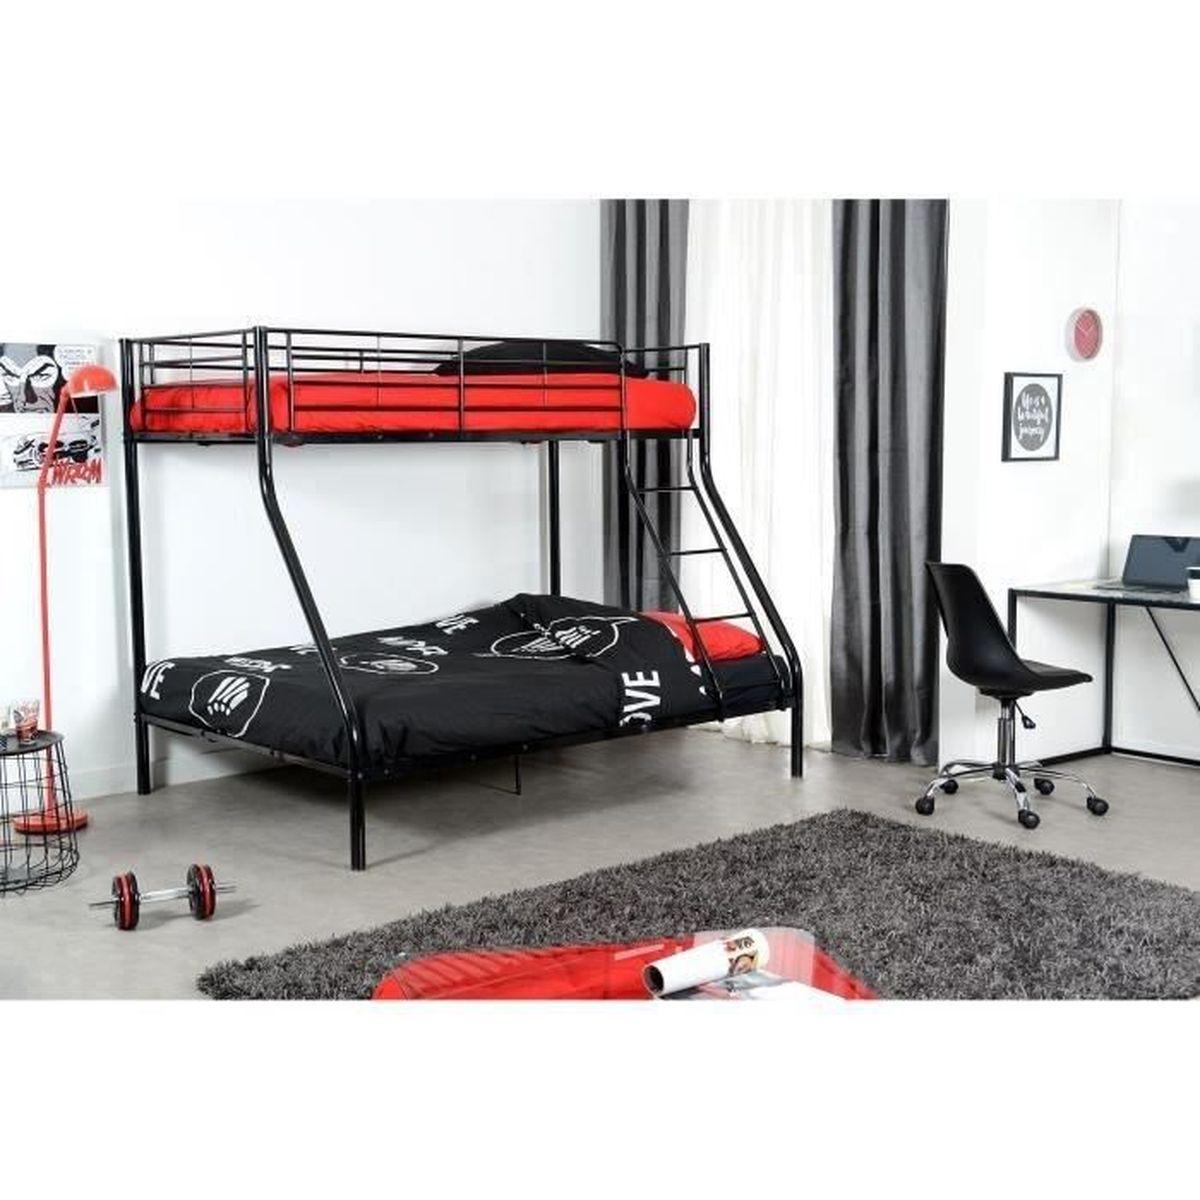 lit superpose enfant 90 140 achat vente lit superpose enfant 90 140 pas cher cdiscount. Black Bedroom Furniture Sets. Home Design Ideas